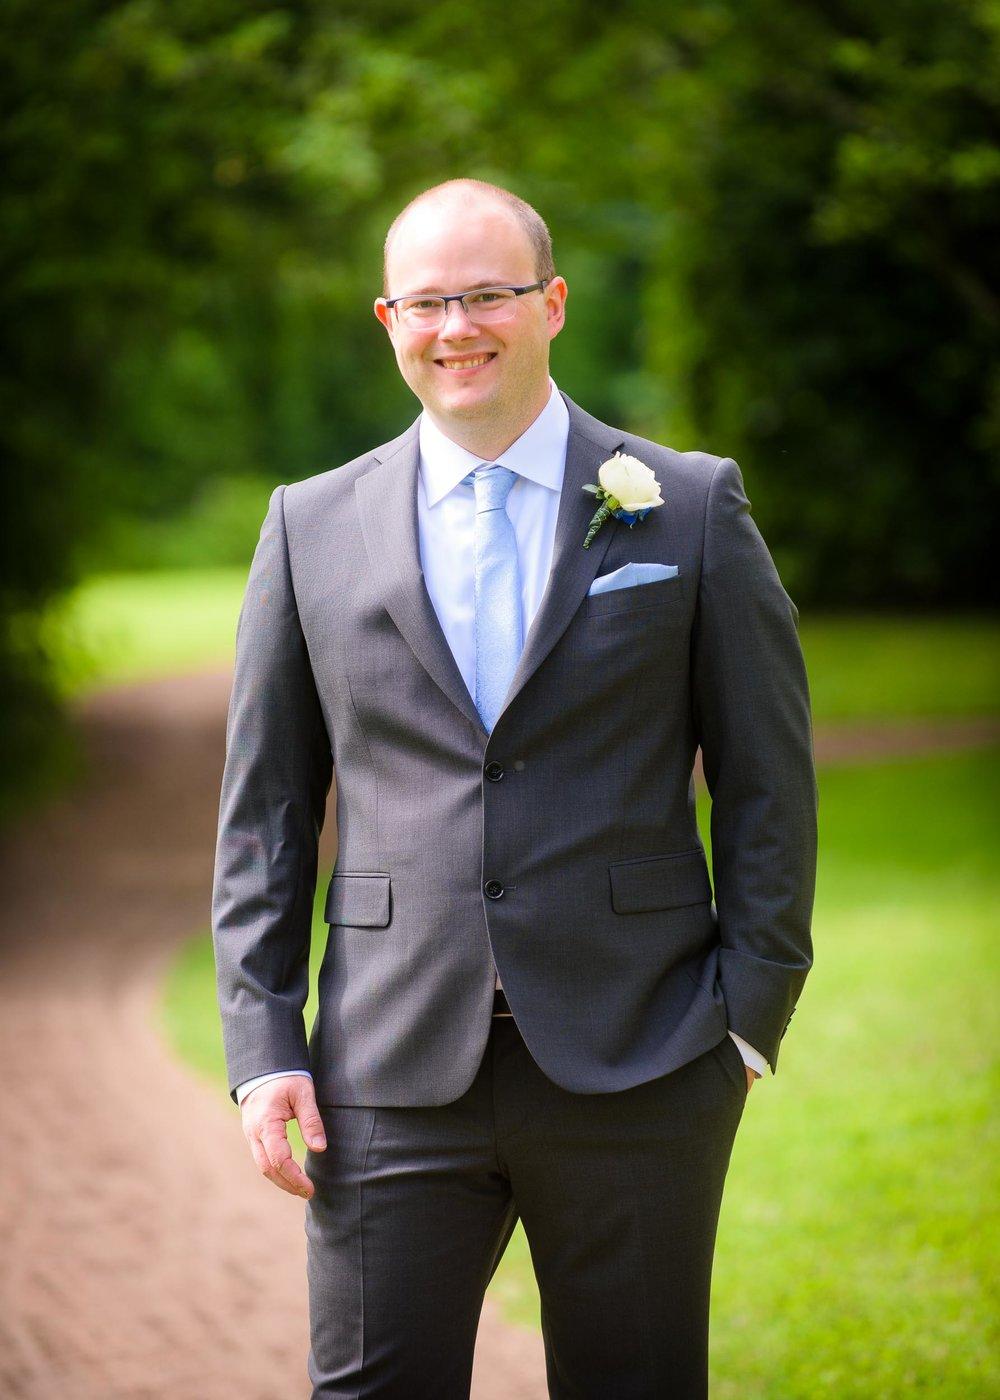 bröllopsfoto-bäckaskog-aug17-2.jpg